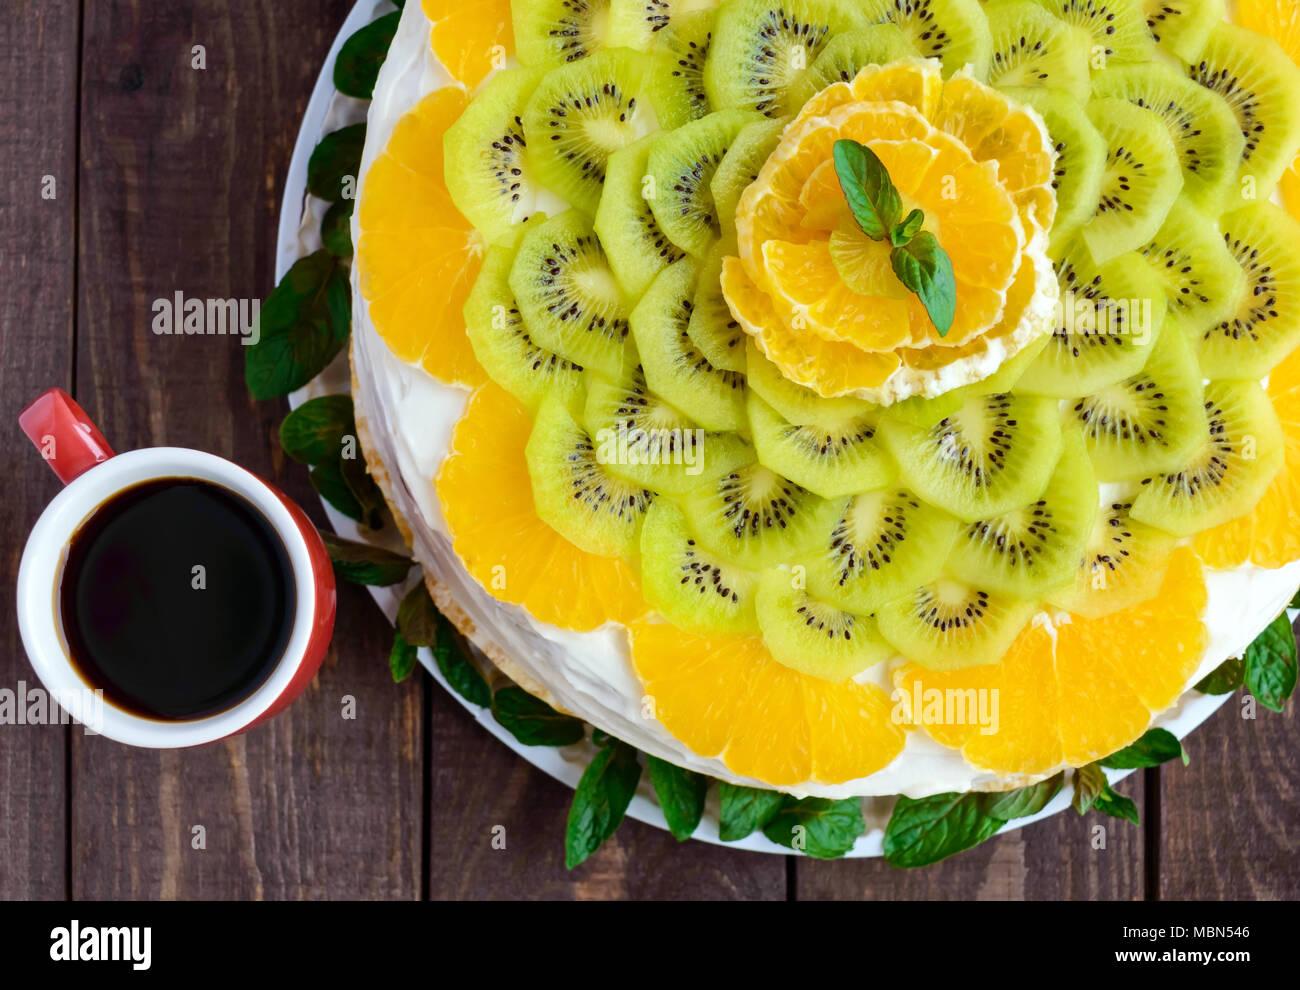 Helle runde festliche Obst Kuchen dekoriert mit Kiwi, Orange, Minze und einer Tasse Kaffee. Stockbild